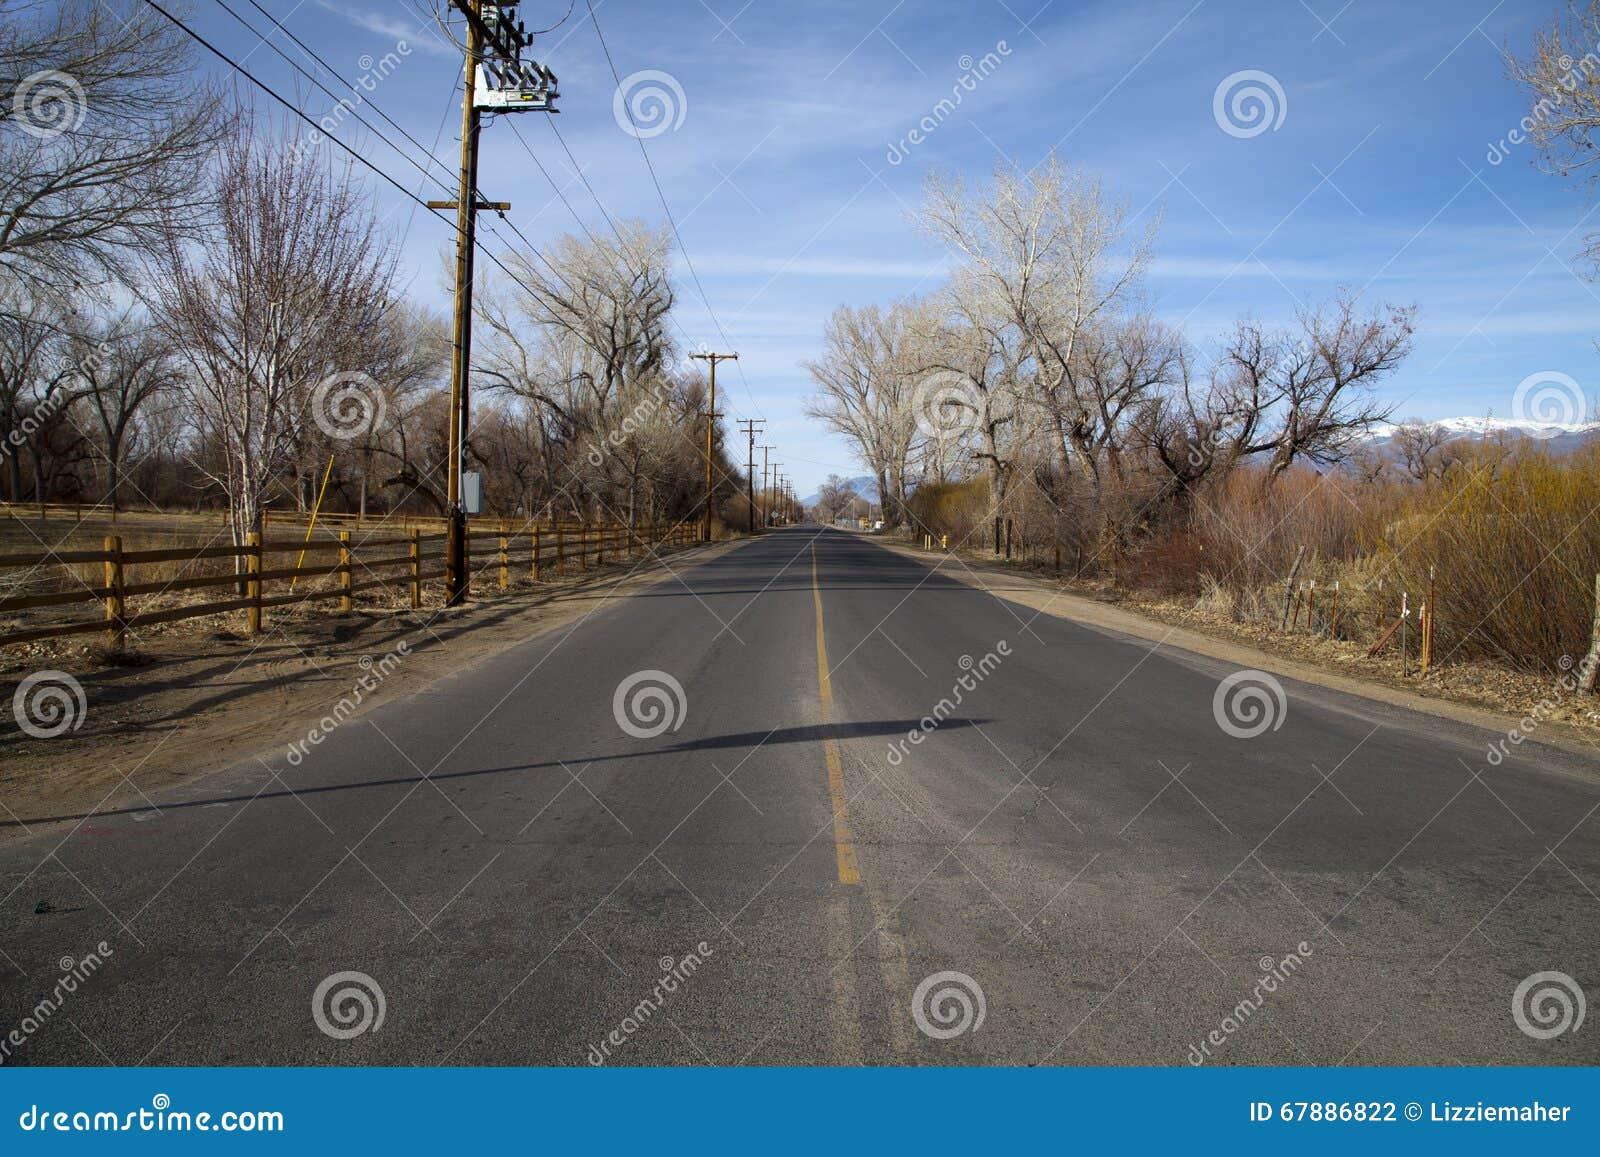 Amerikanische Straße